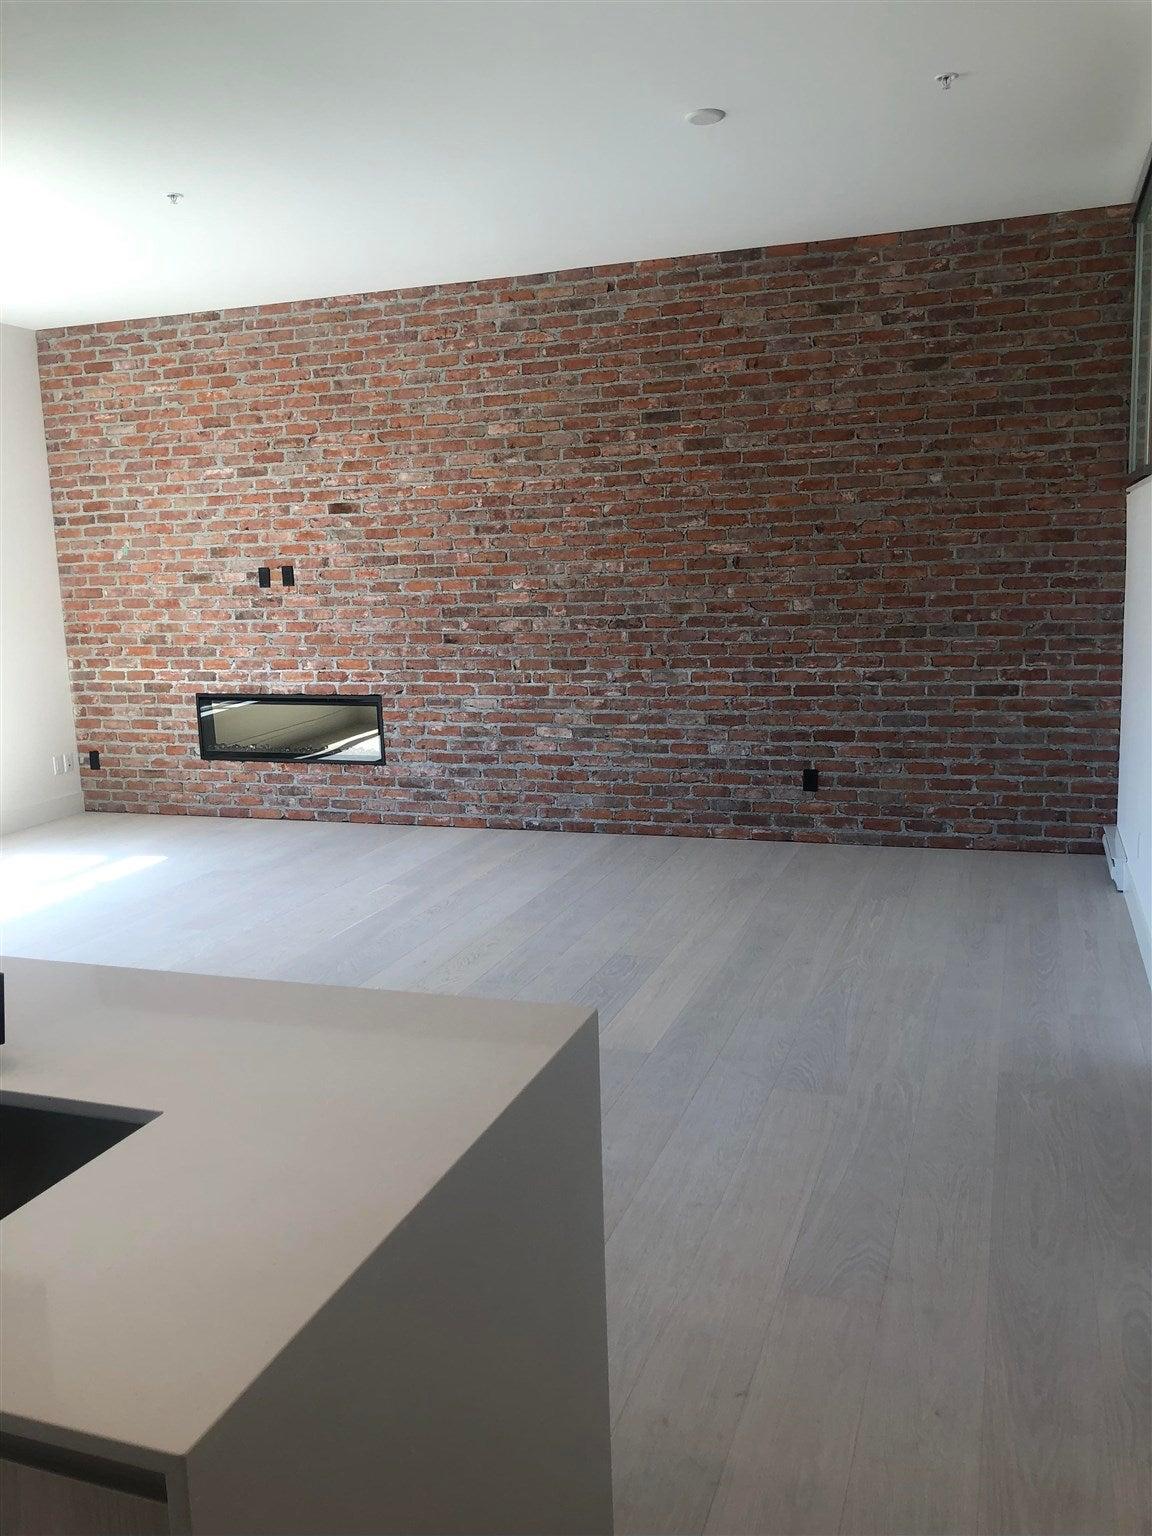 219 300 SALTER STREET - Queensborough Apartment/Condo for sale, 2 Bedrooms (R2599550)